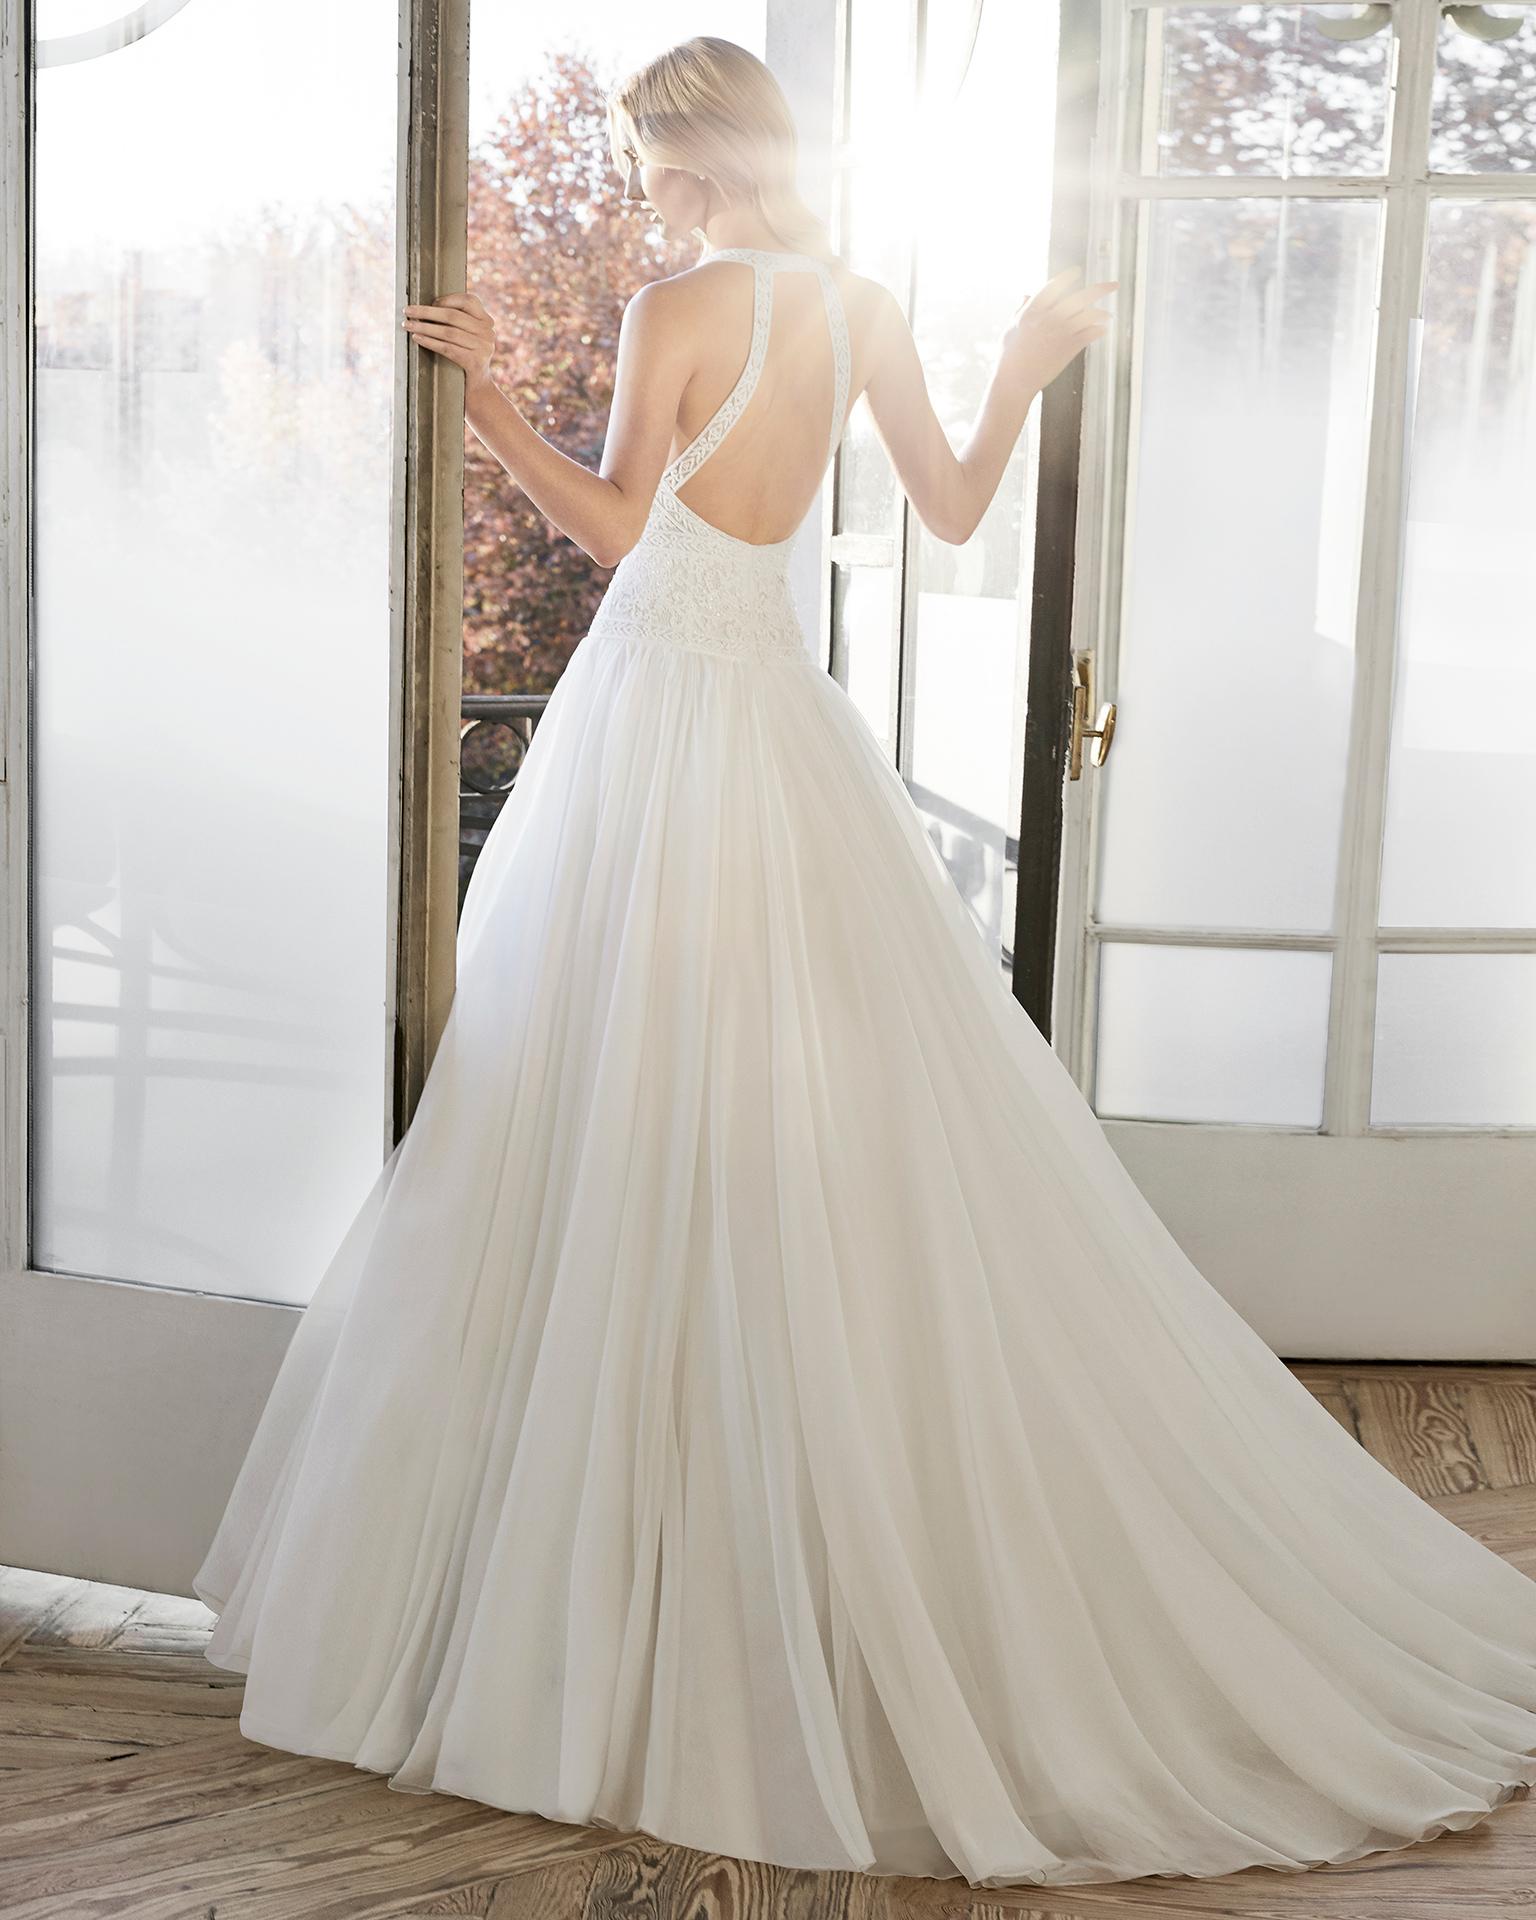 Vestido de novia estilo línea A en voile, encaje y pedrería. Escote halter y espalda descubierta. Disponible en color natural. Colección AIRE BARCELONA 2019.